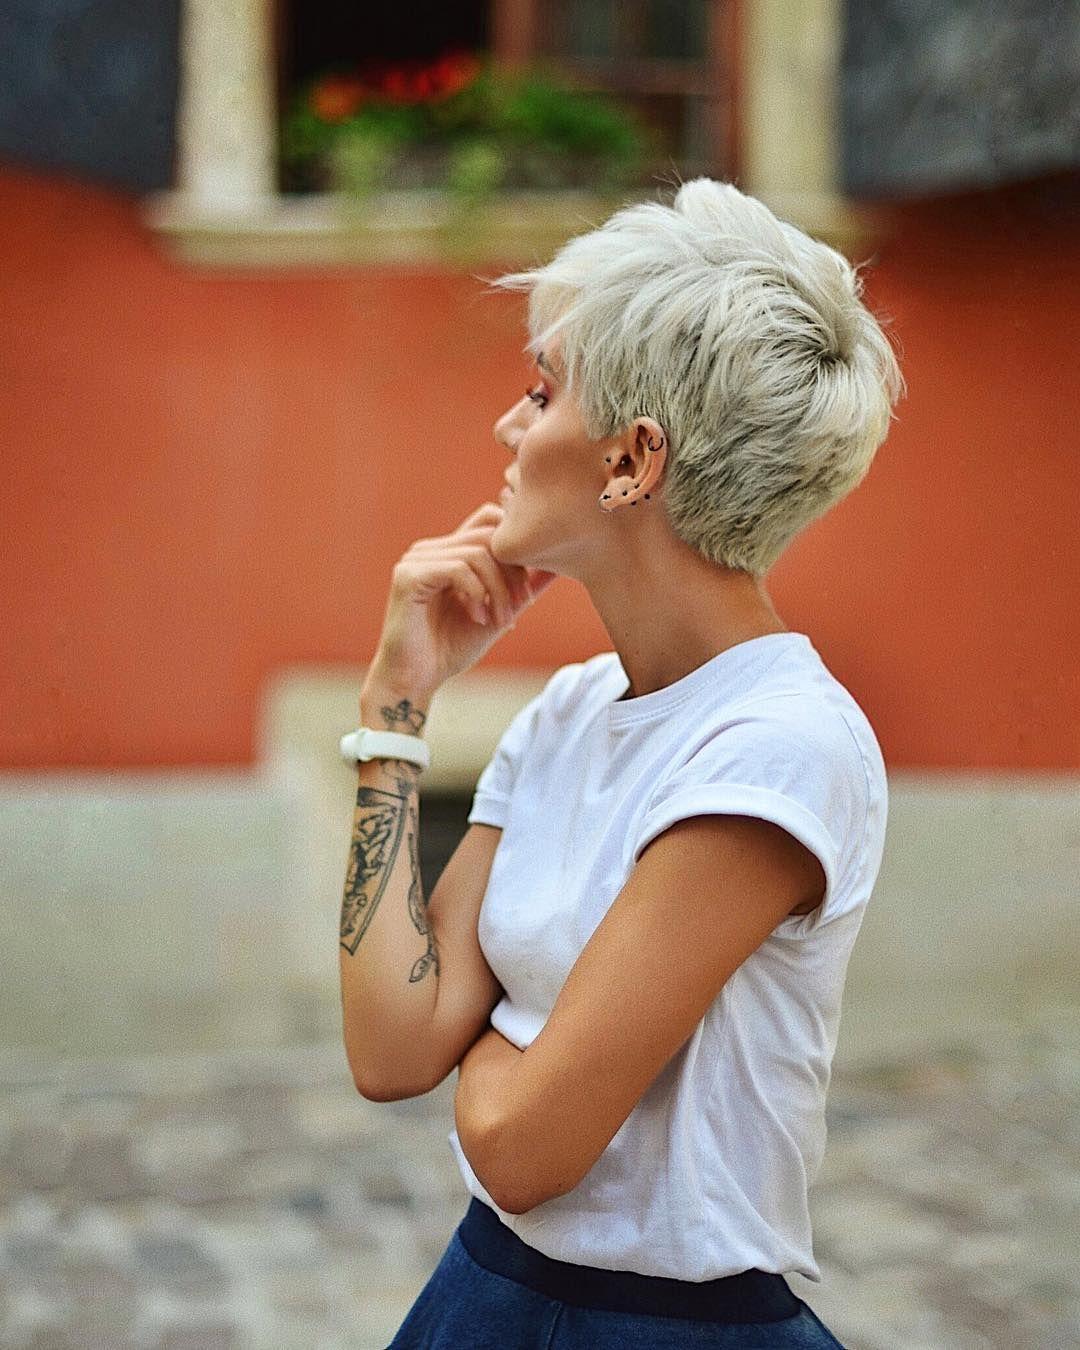 Реальные фото современных стрижек на короткие волосы (25 фото)